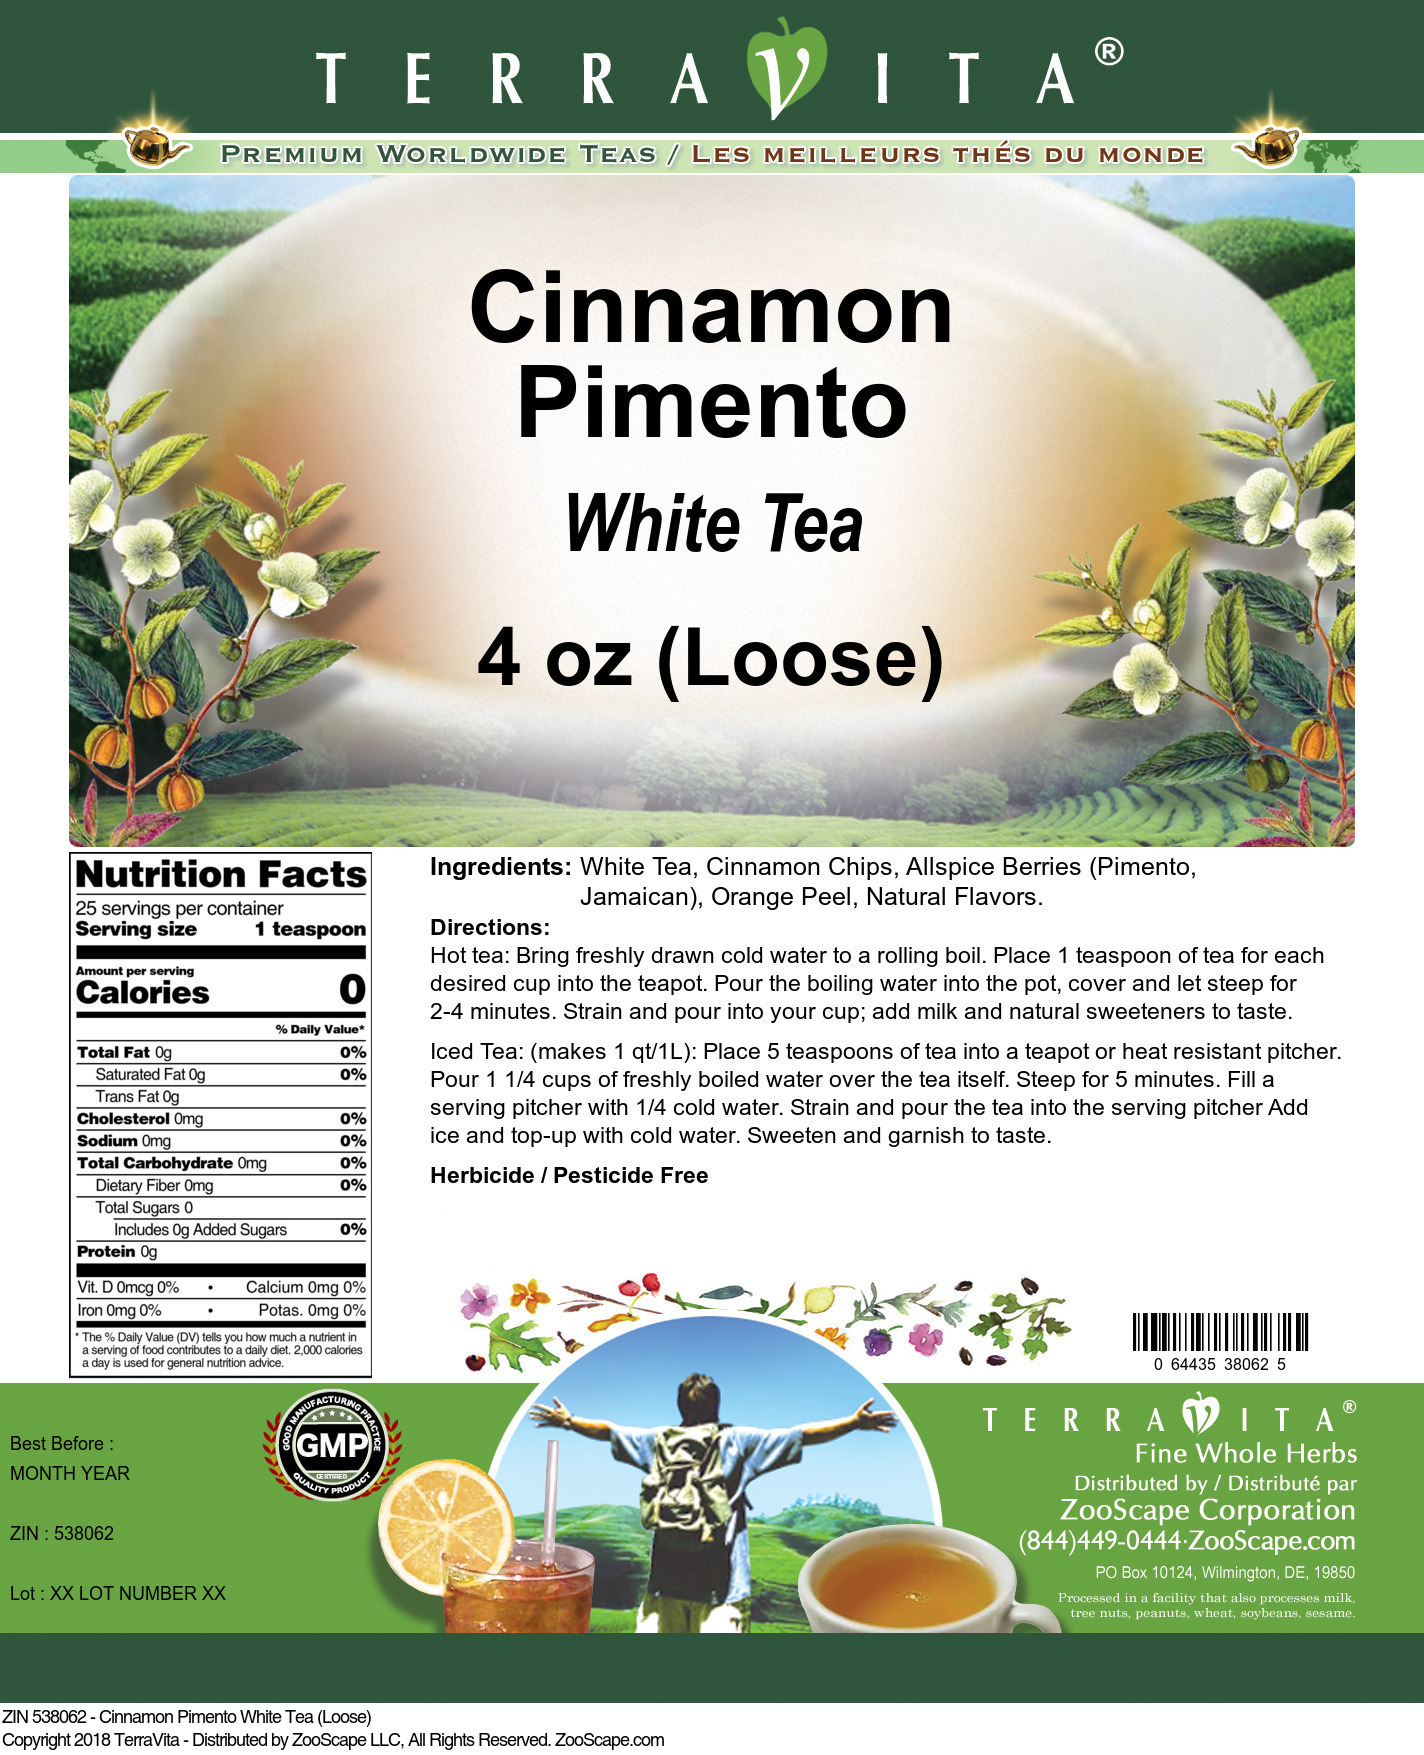 Cinnamon Pimento White Tea (Loose)